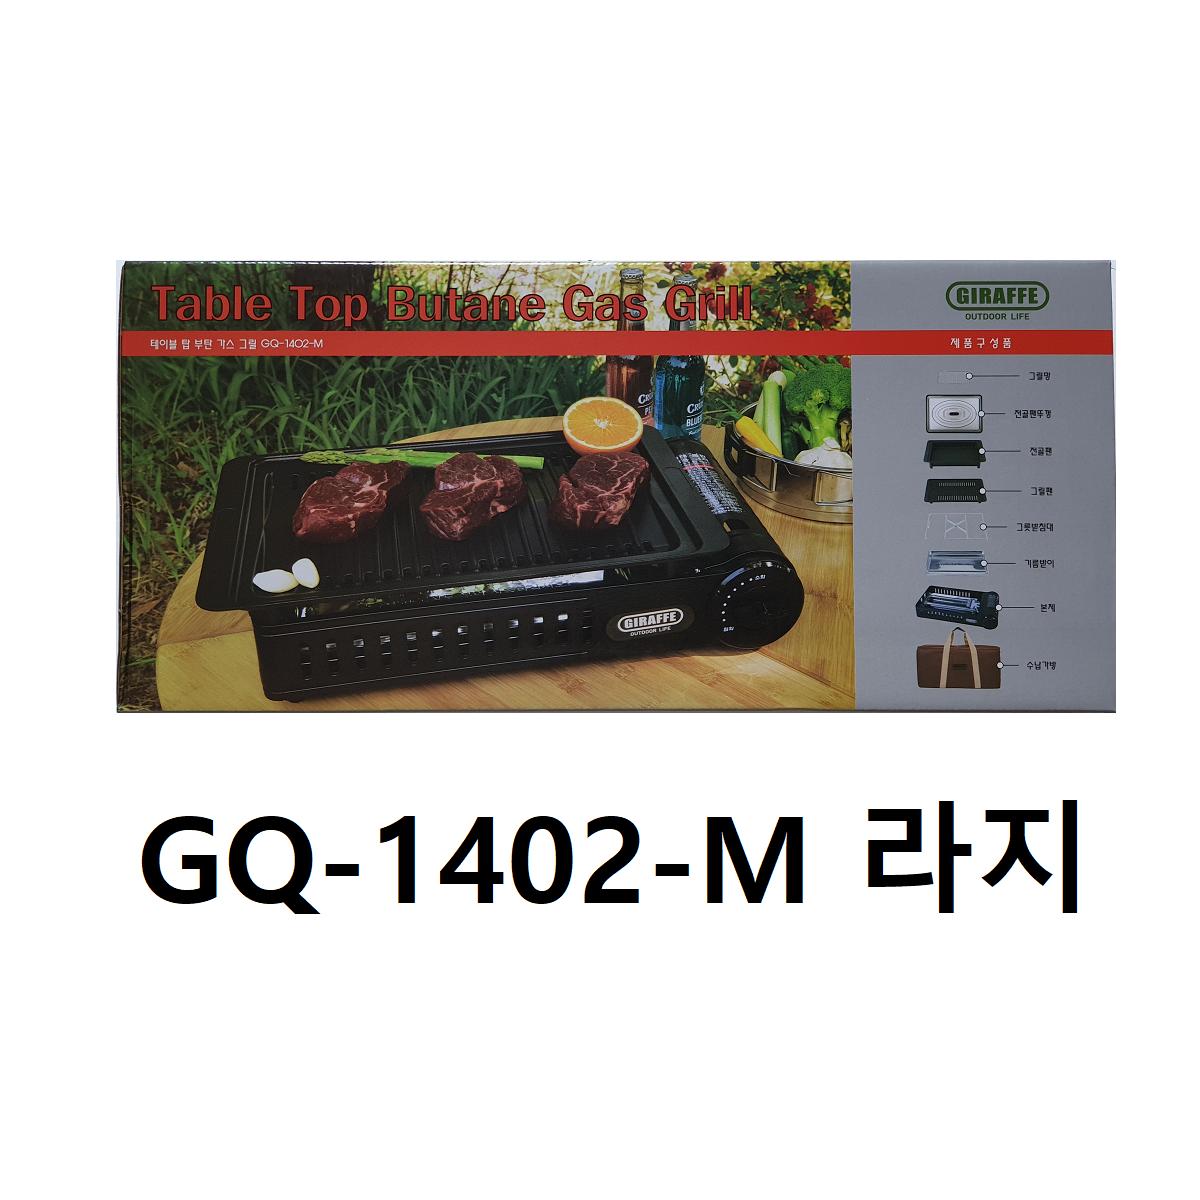 지라프 가스 바베큐 그릴 (L) 수납가방 대형 라지 사이즈 구이바다 5-6인용 BBQ GQ-1402-M